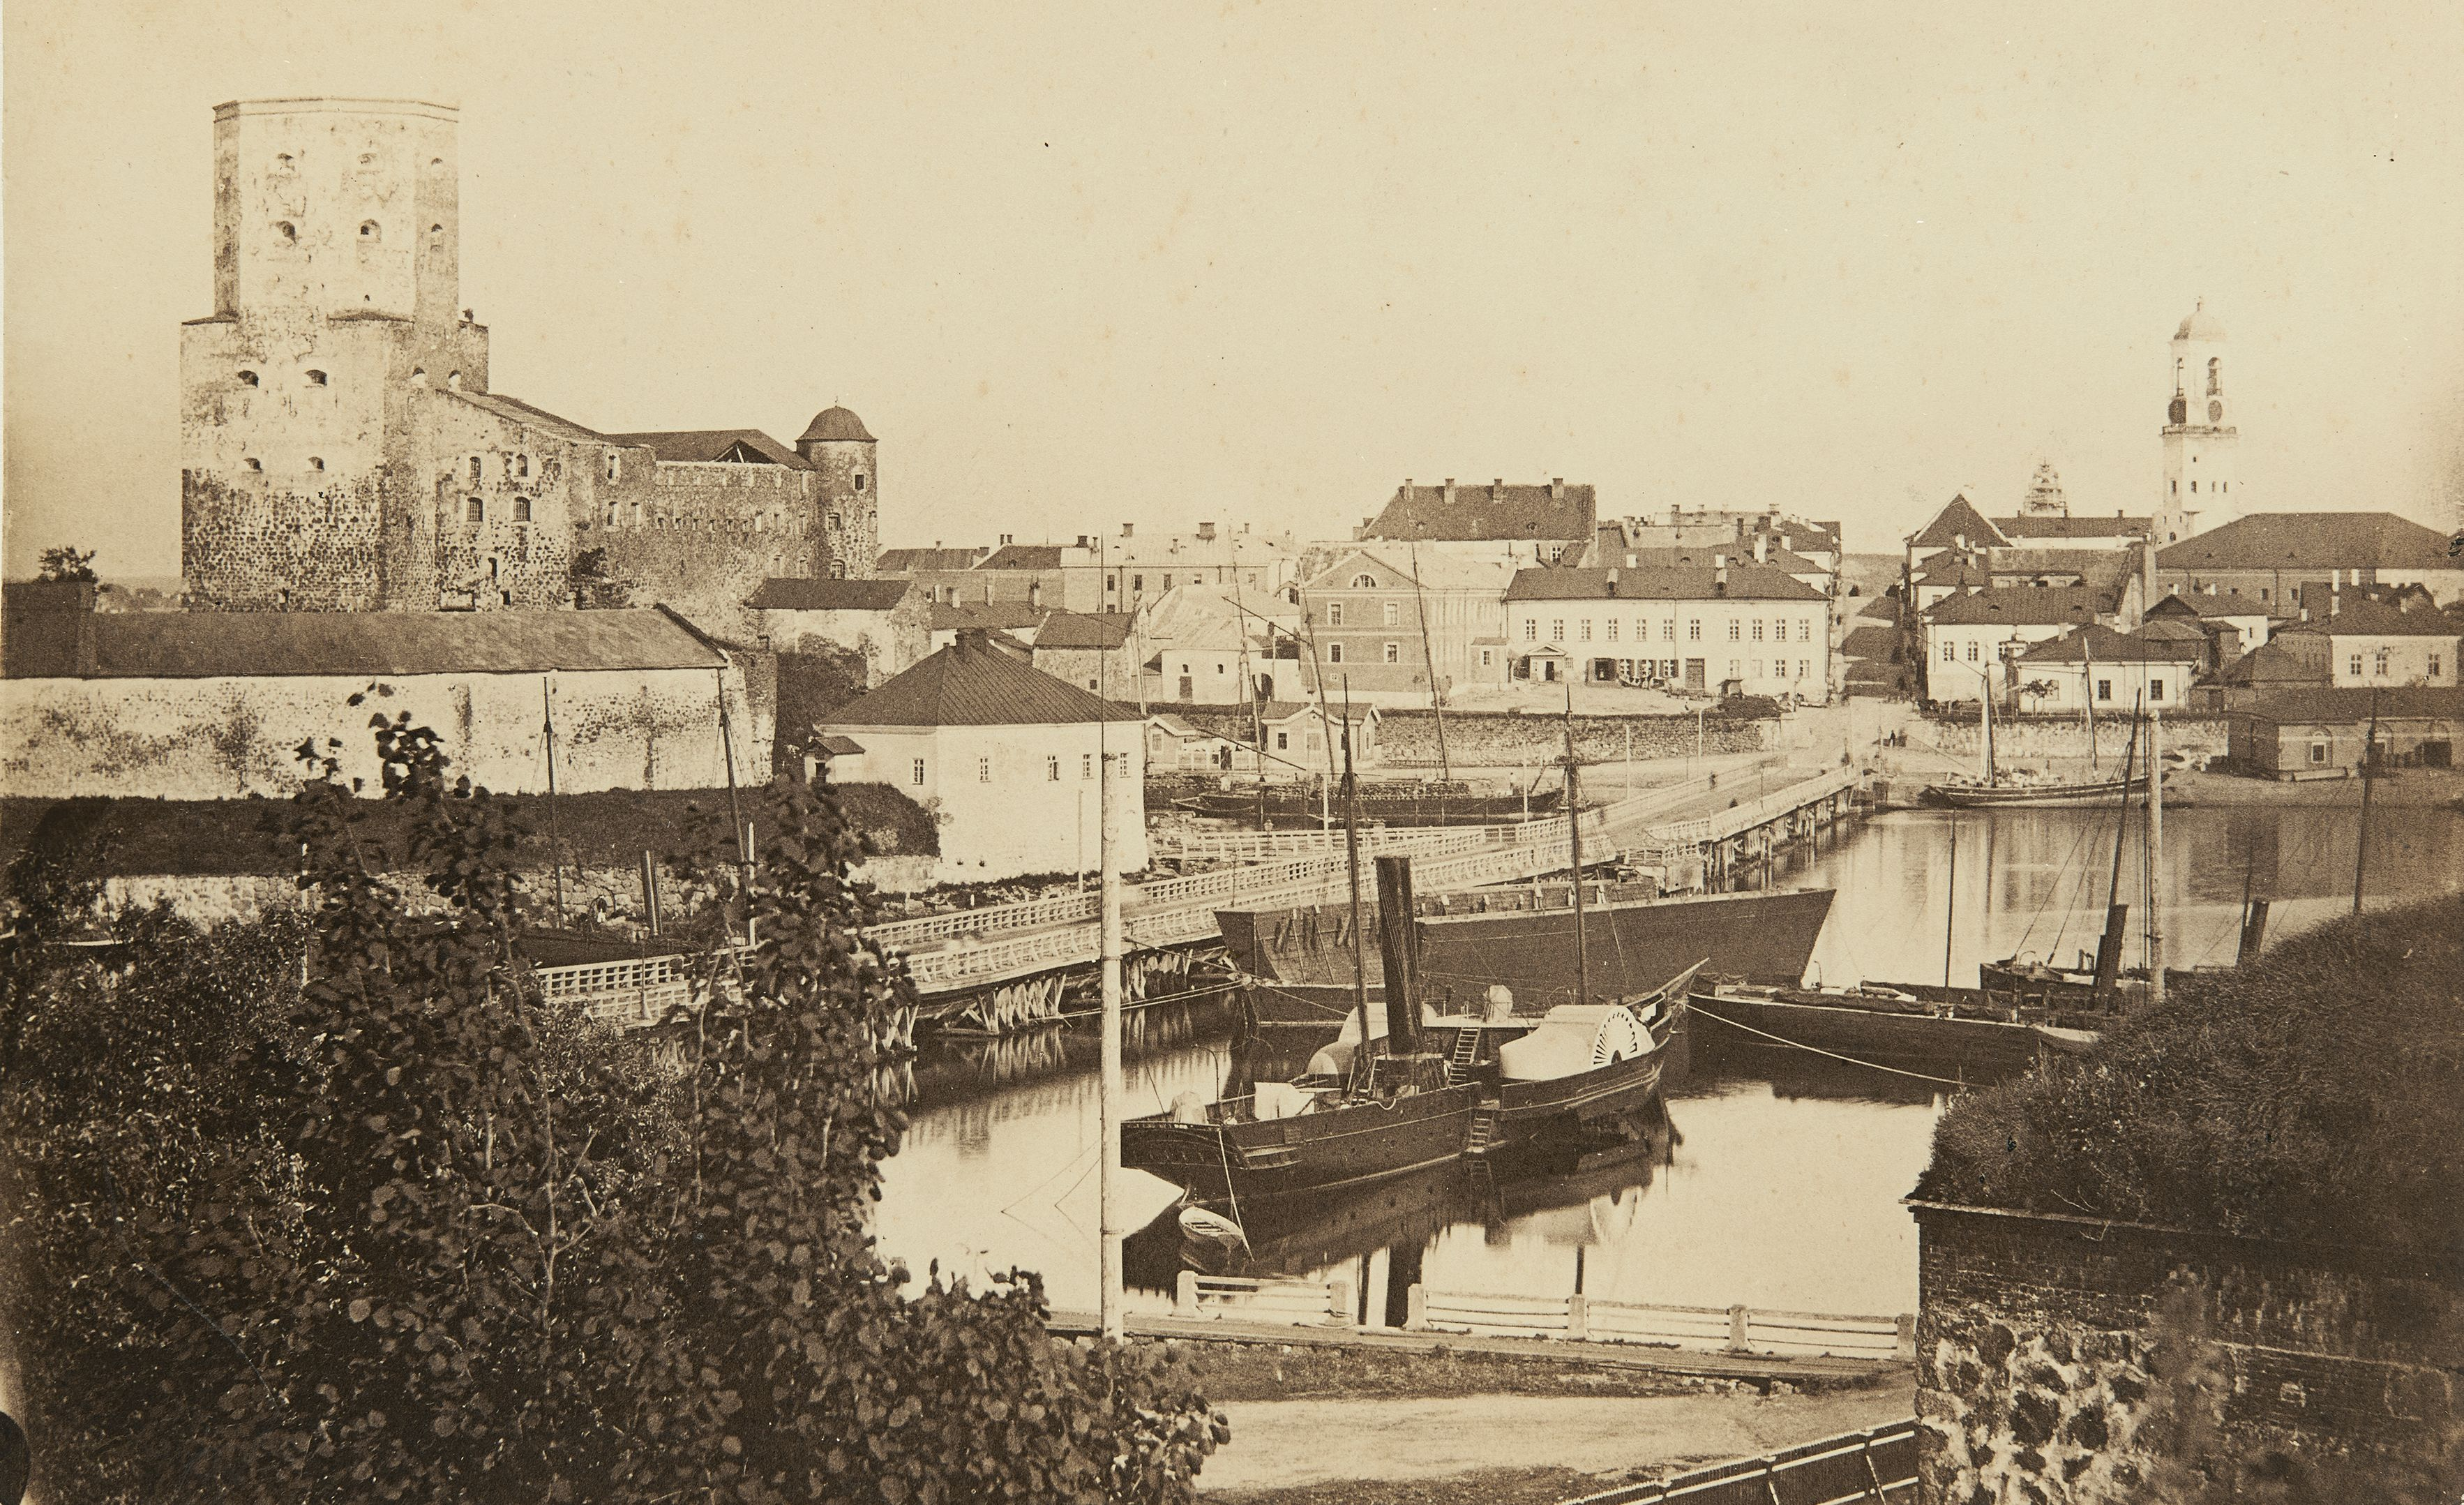 Viipurin linna ja osa kaupungista 1860- tai 1870-luvulla. (Museovirasto)